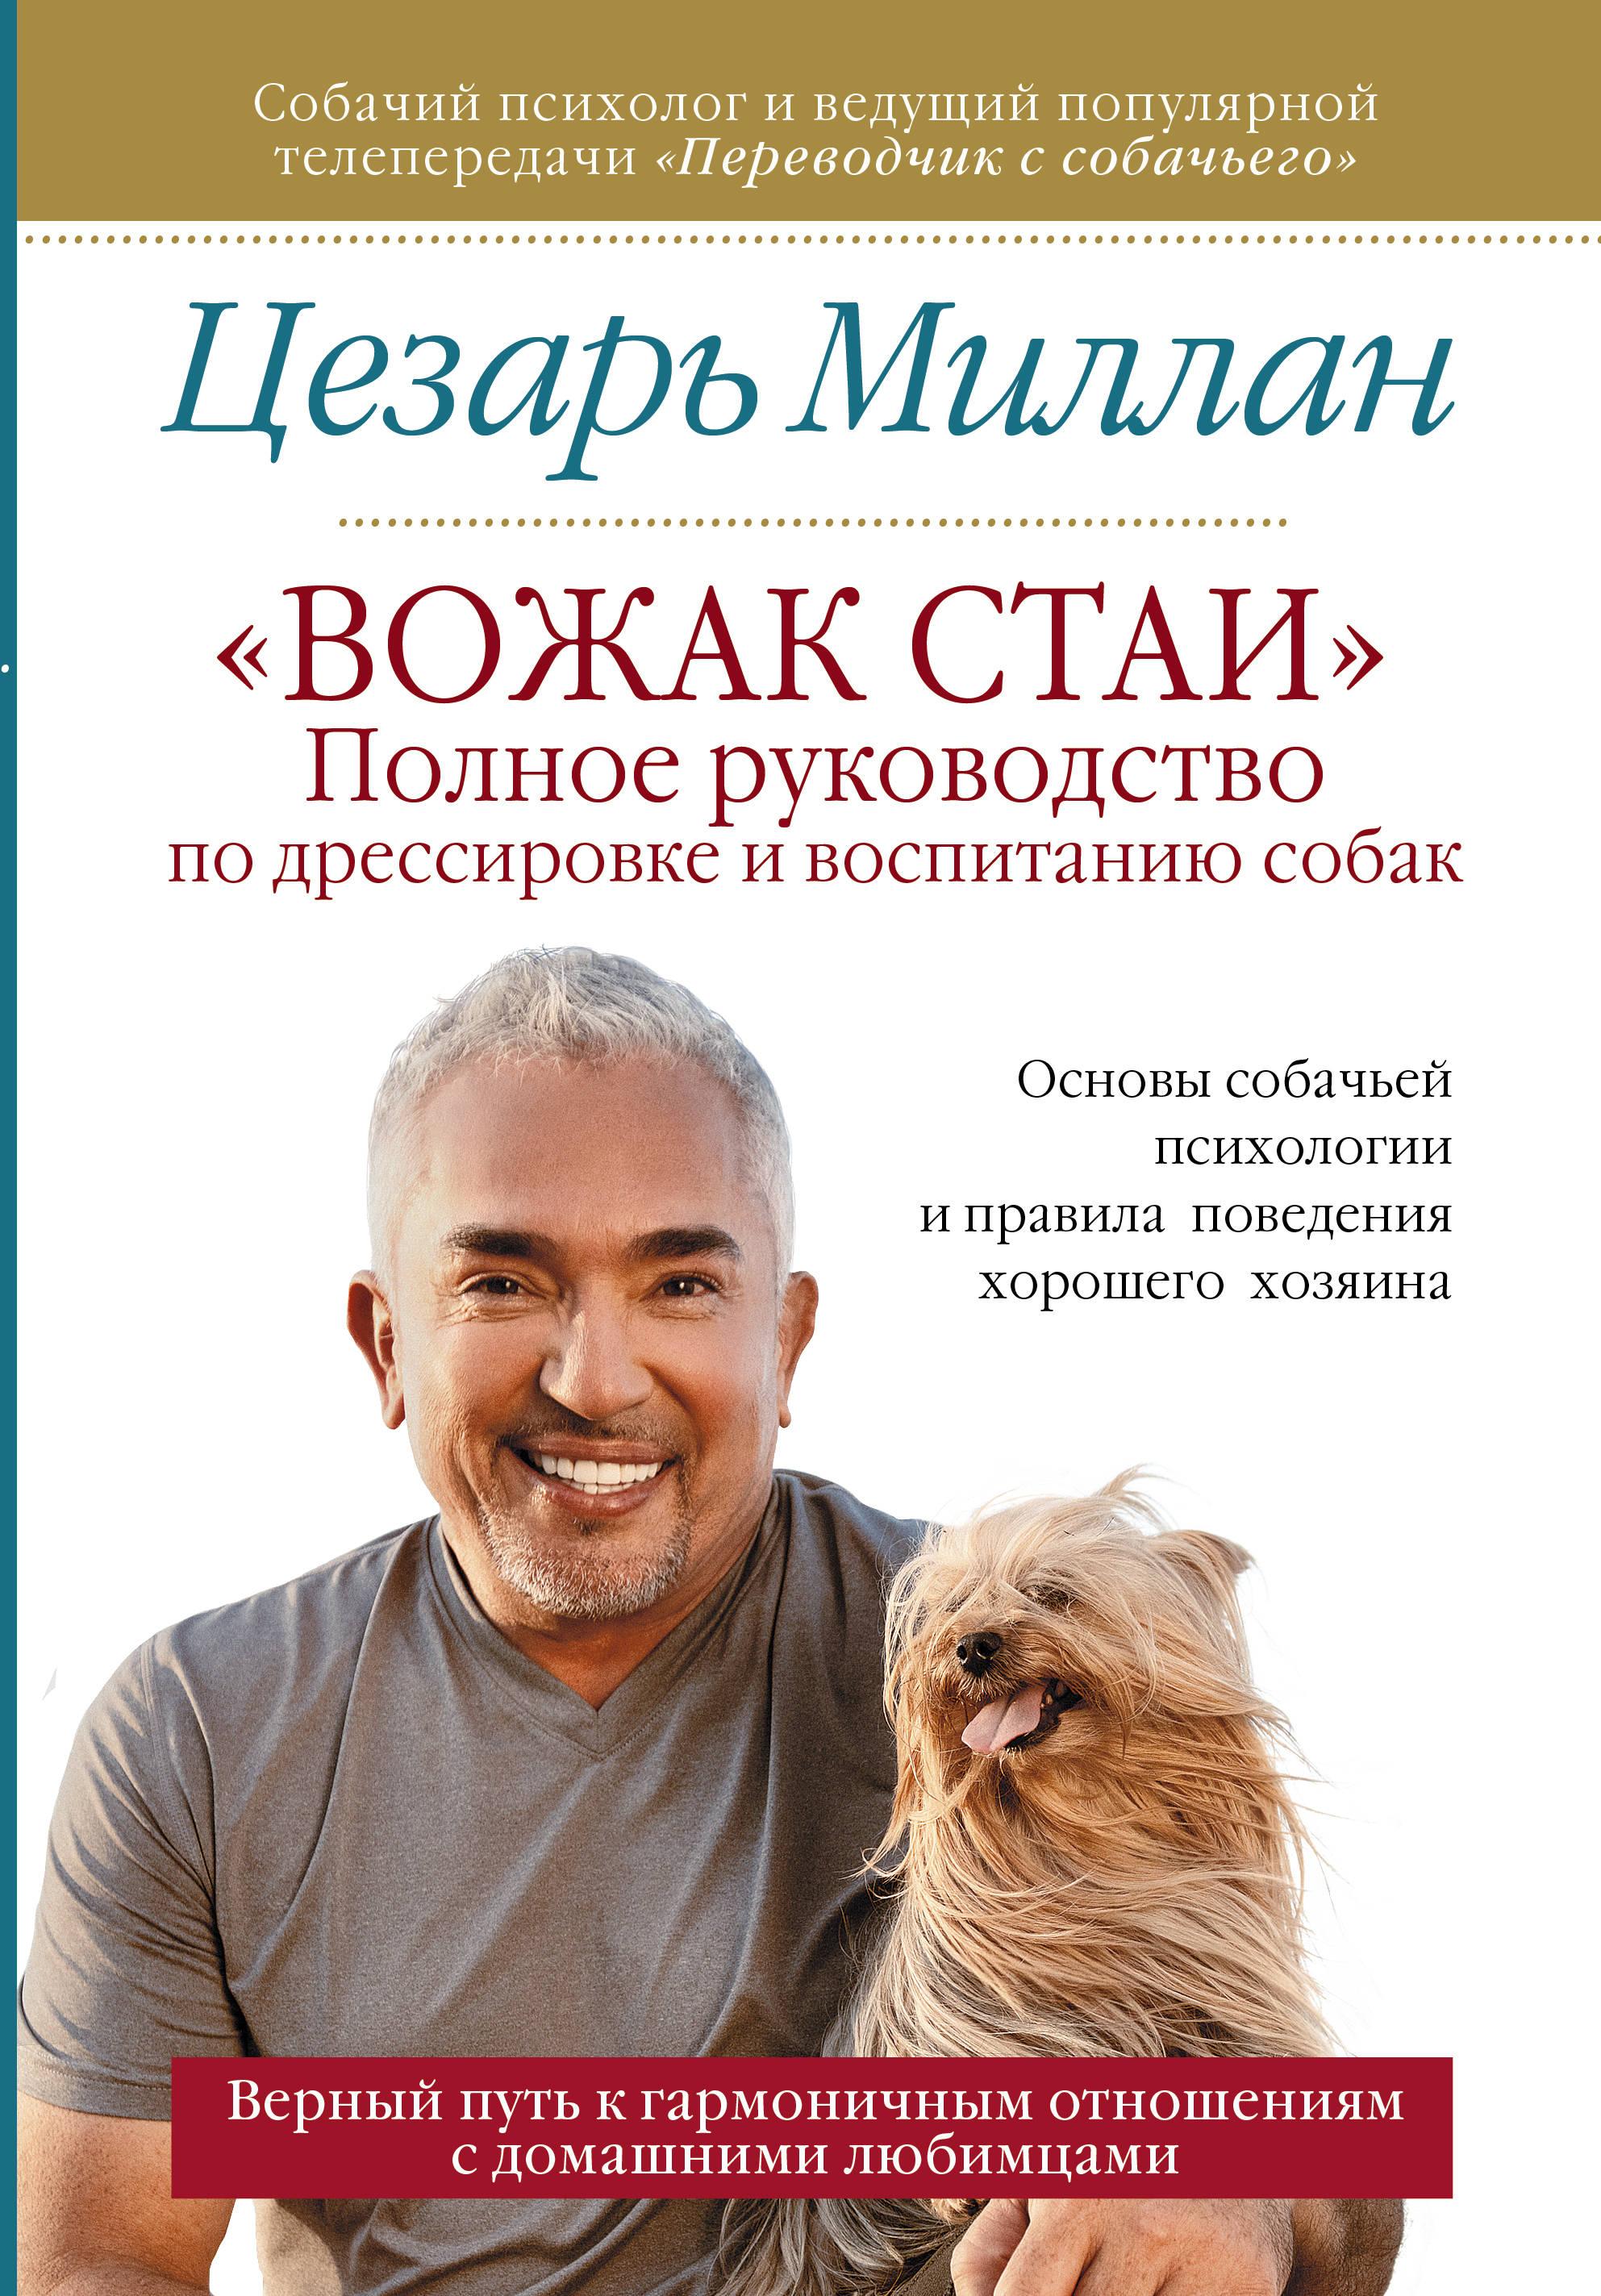 Цезарь Миллан Вожак стаи. Полное руководство по дрессировке и воспитанию собак